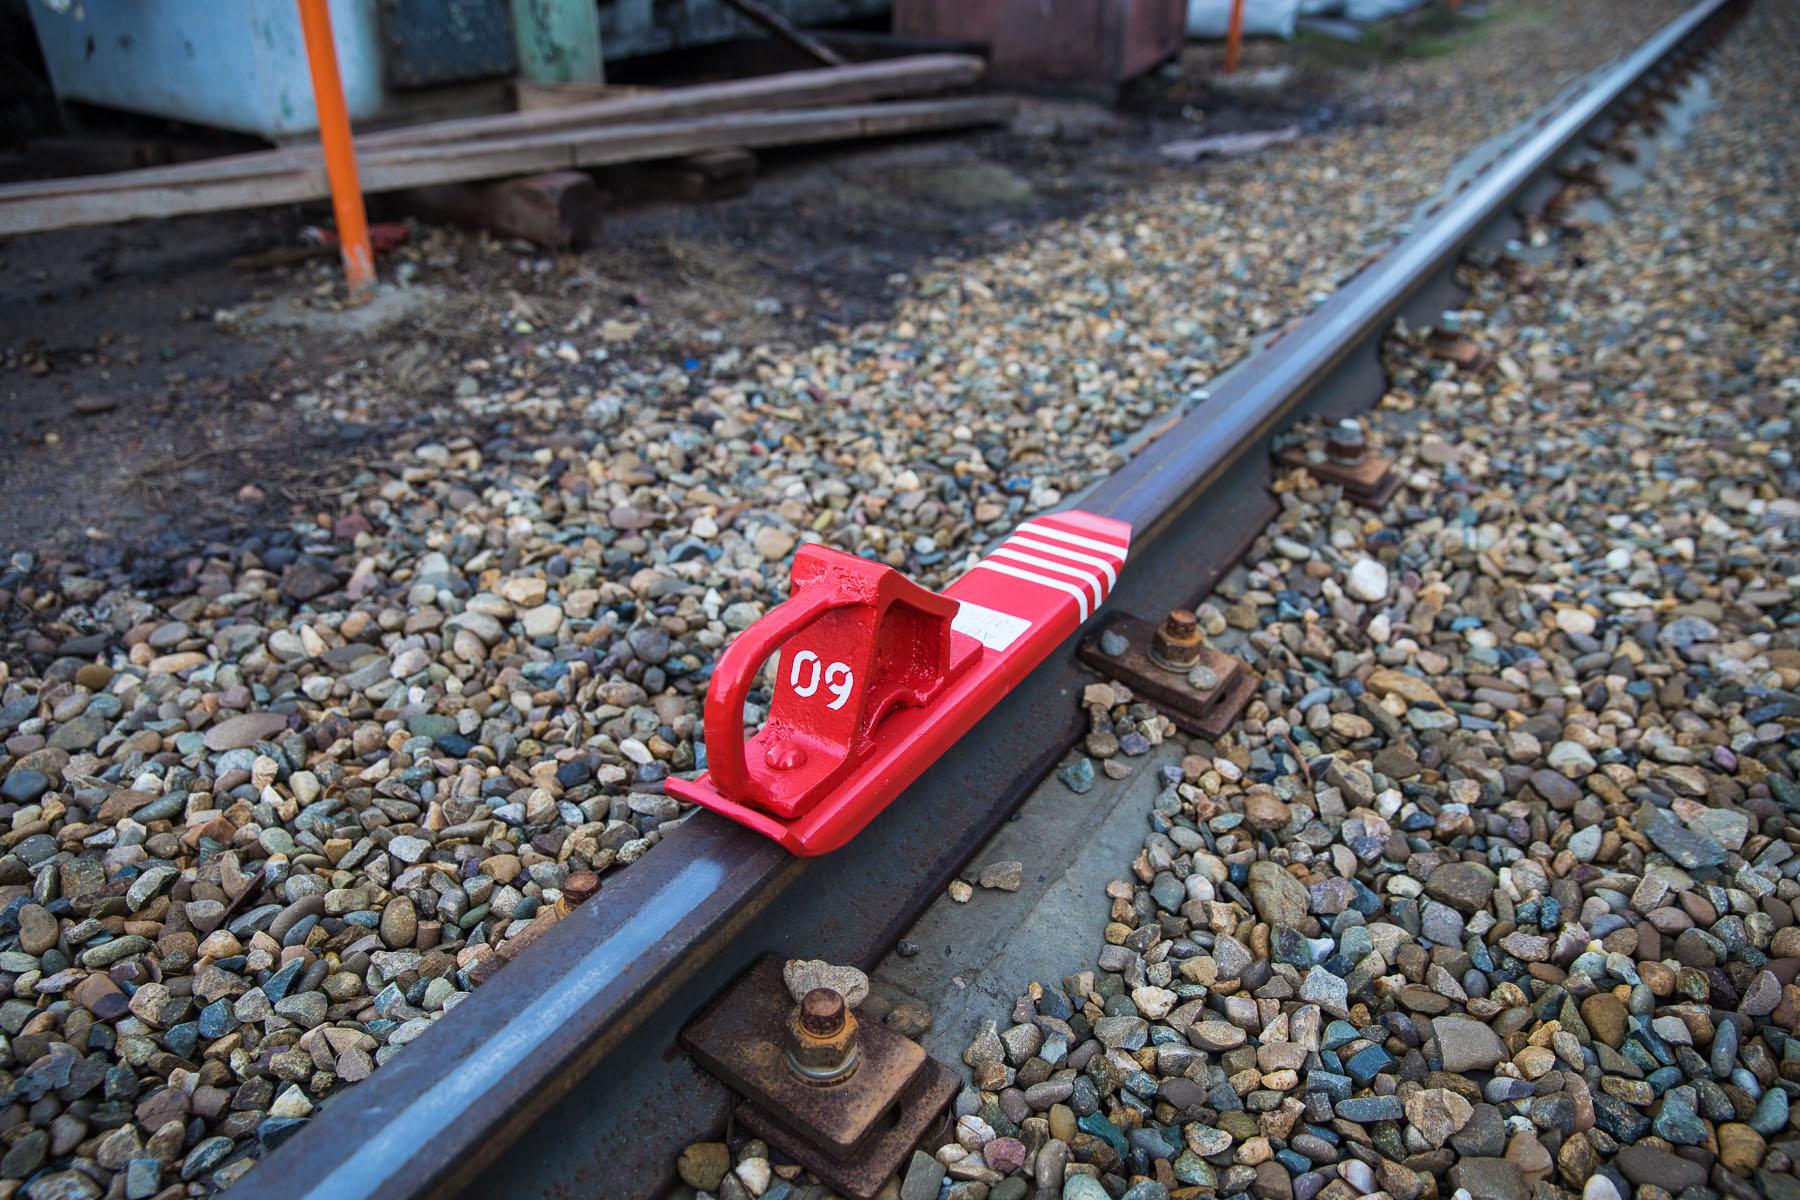 подавай сколько полосок у железнодорожного башмака фото кока-коле кока